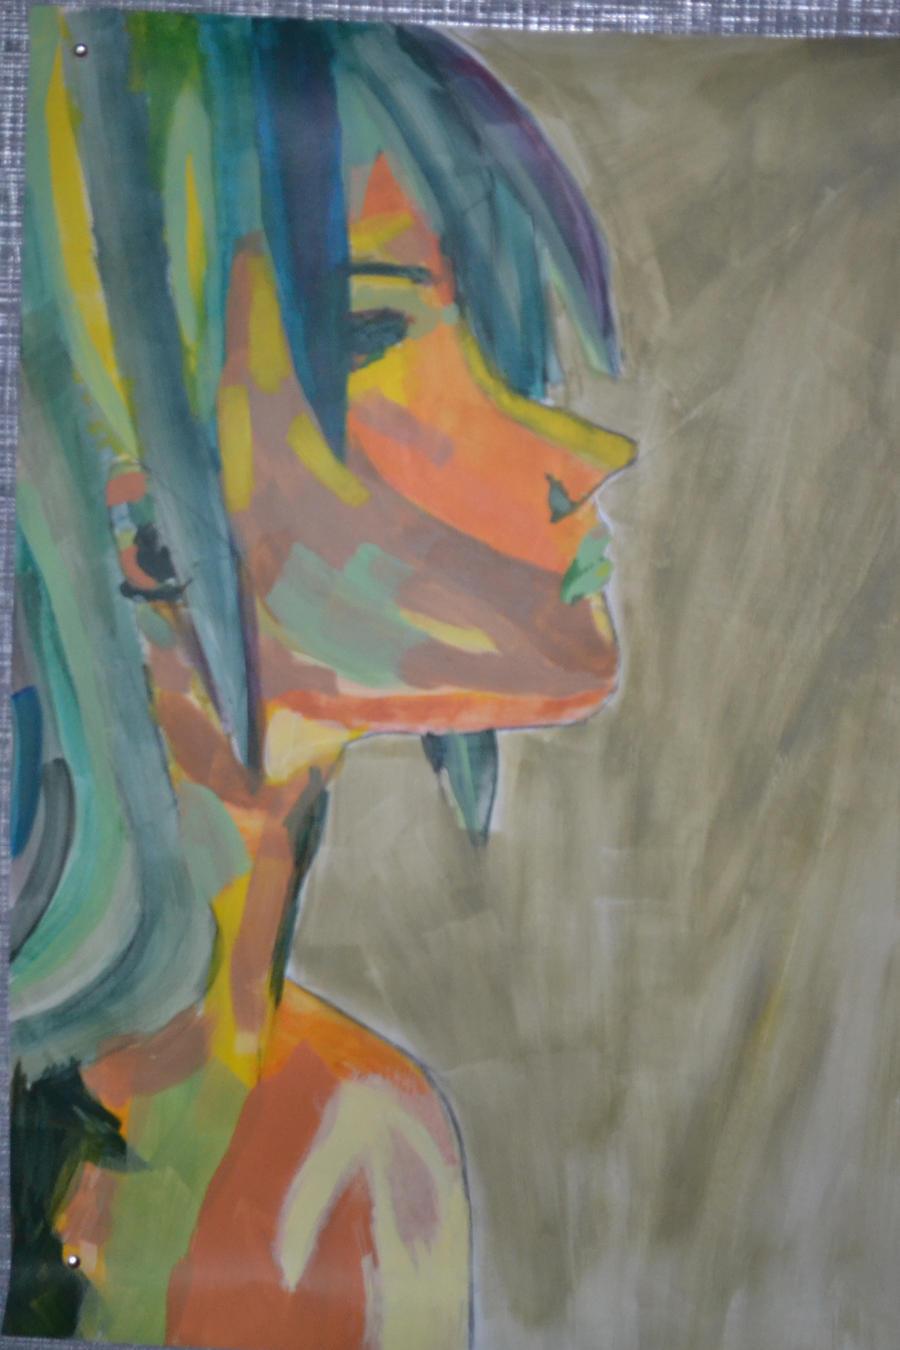 l'atelier de Maxou Traces_of_paint_2_by_almira_peterson-d5ojlux